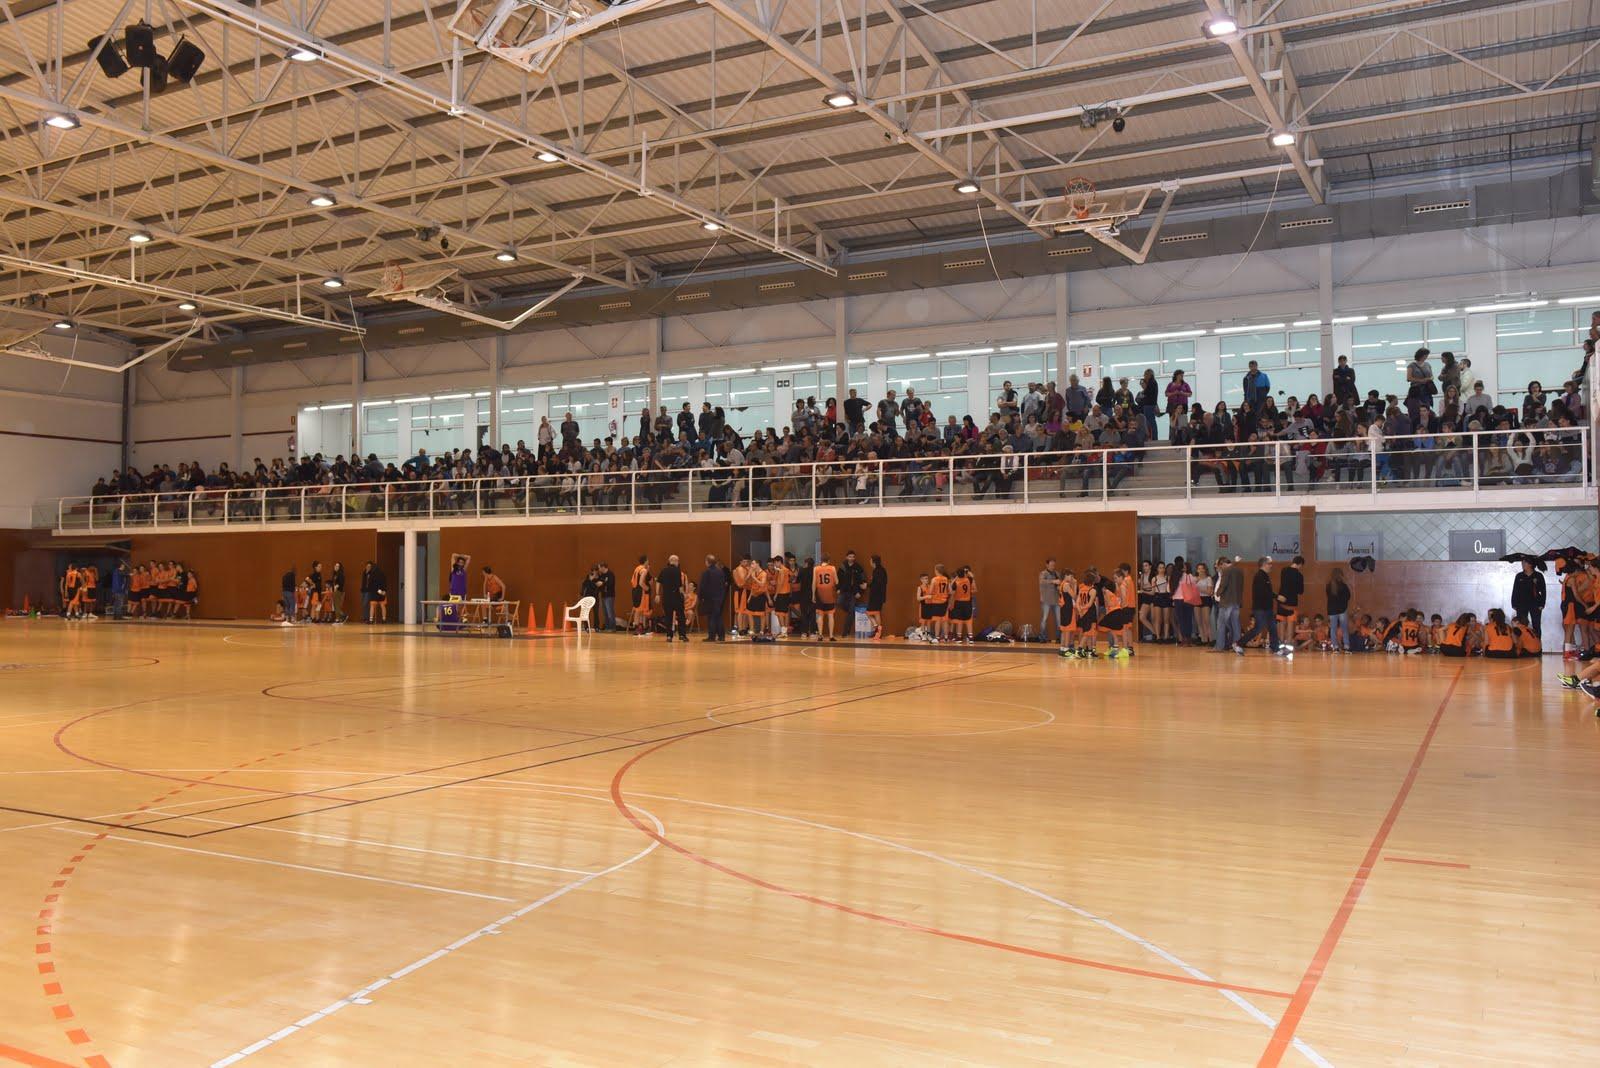 29.10.16 Festa de presentació dels equips